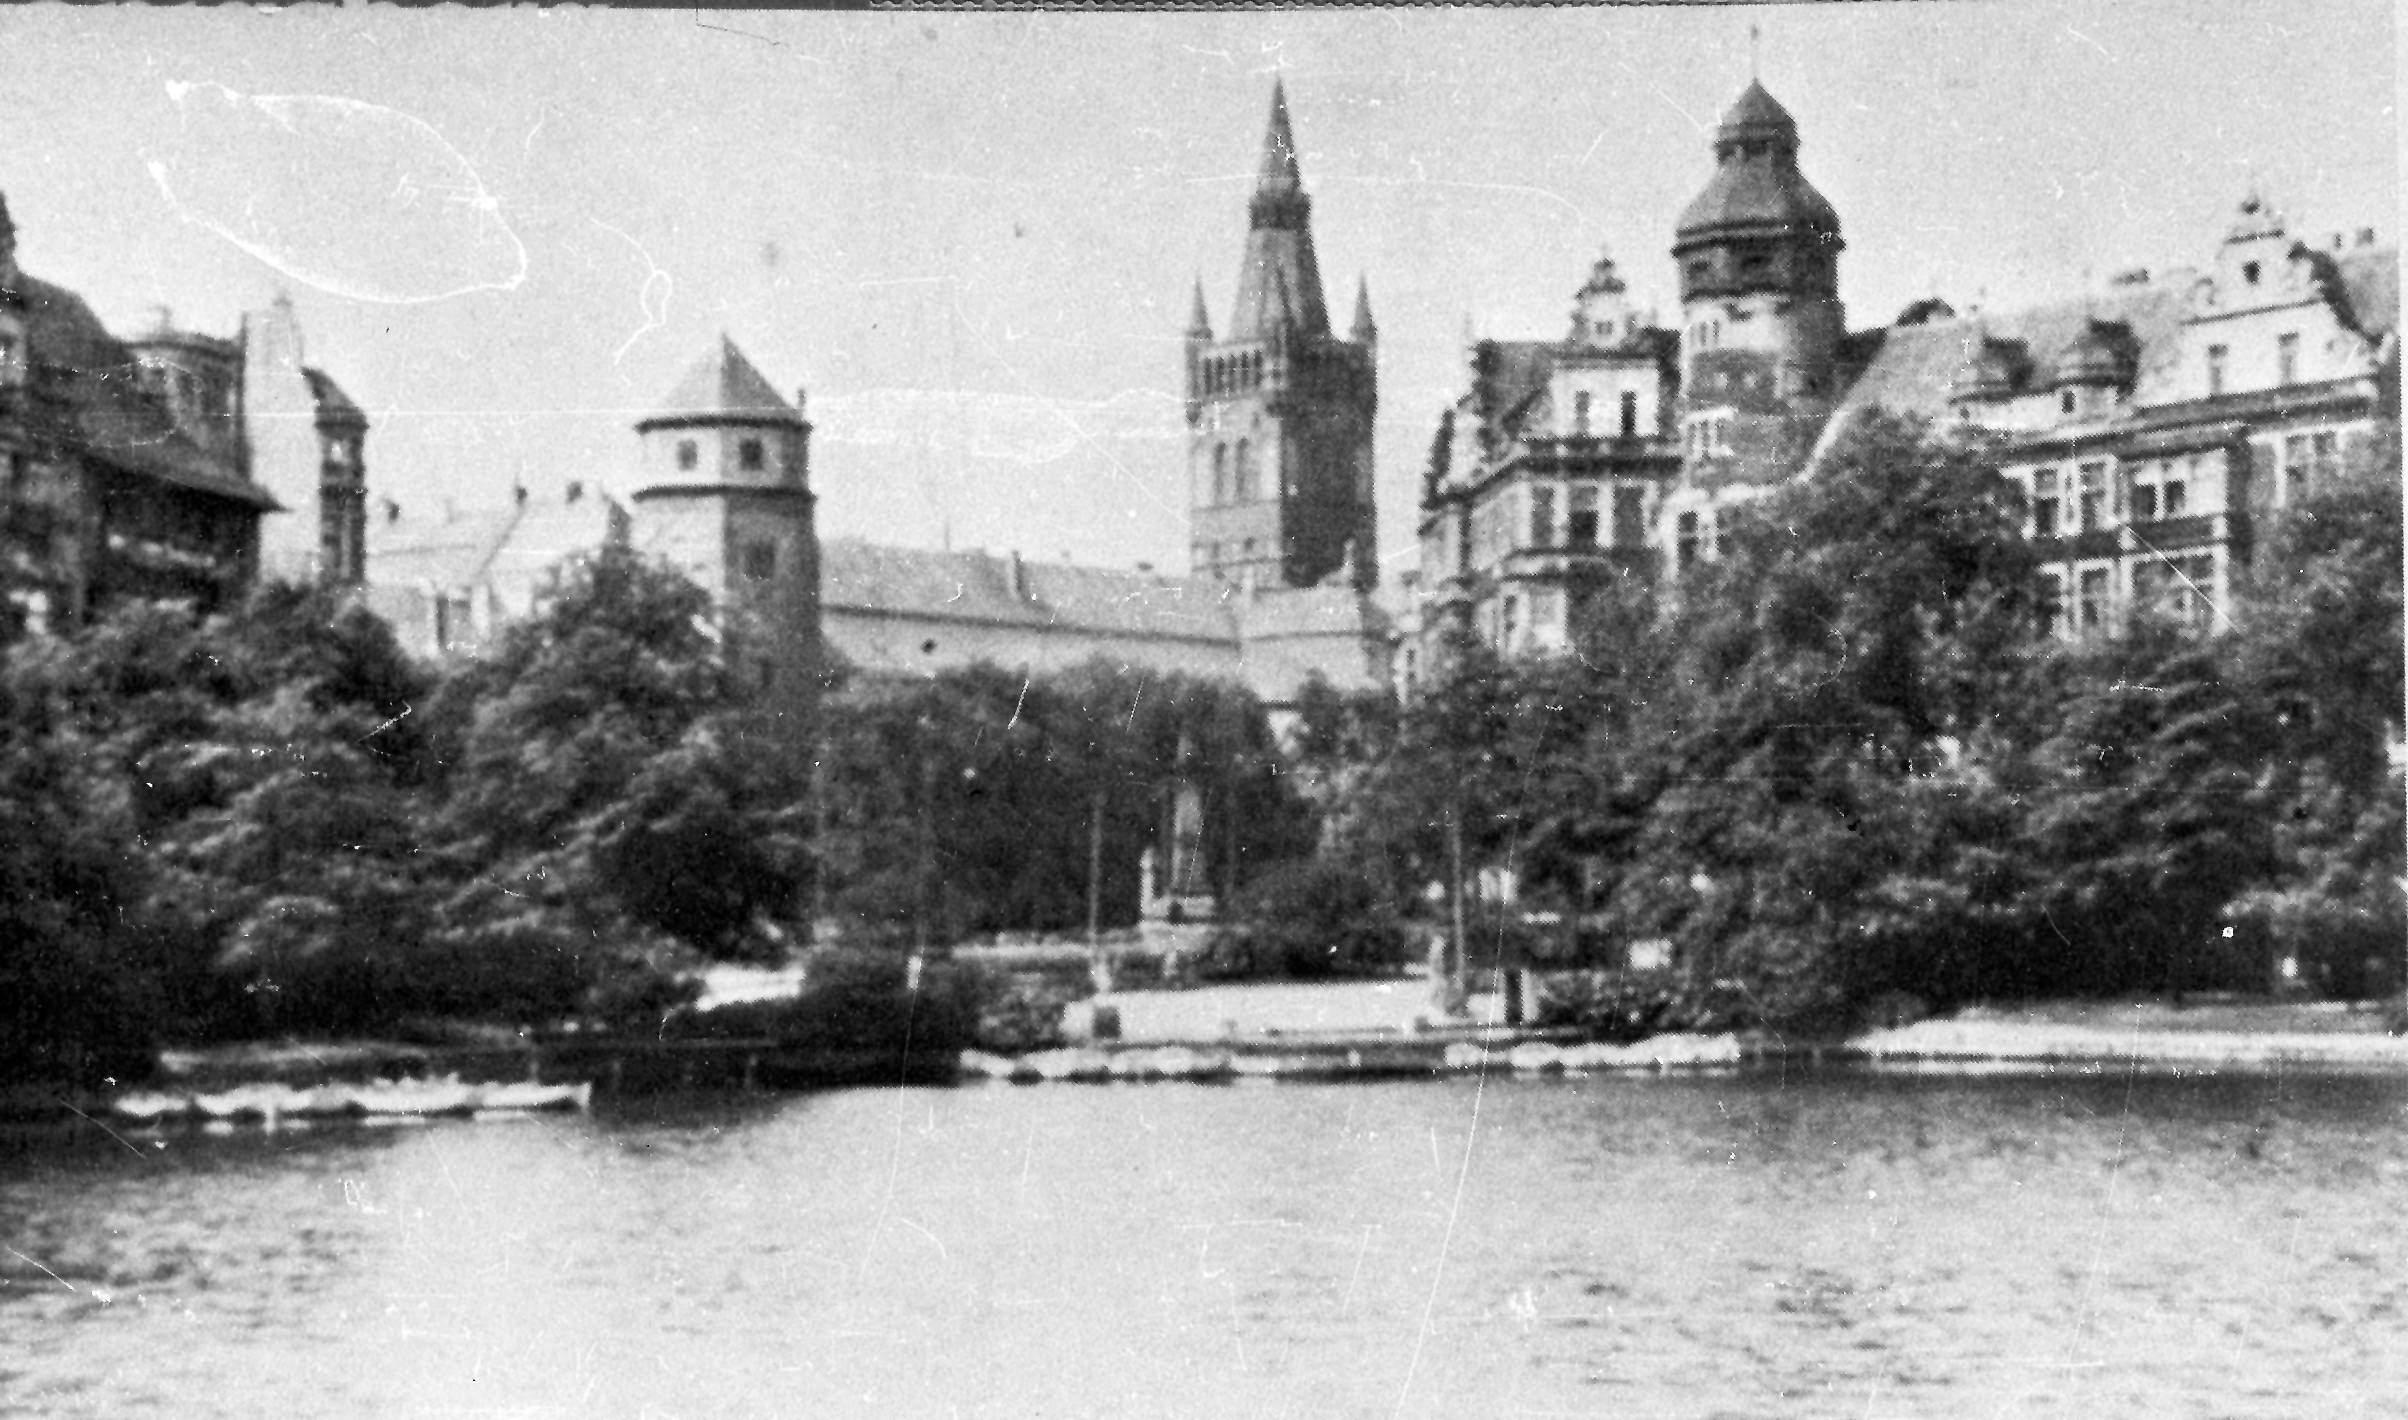 Фото экскурсия - довоенный калининград (кёнигсберг) (642 фот.